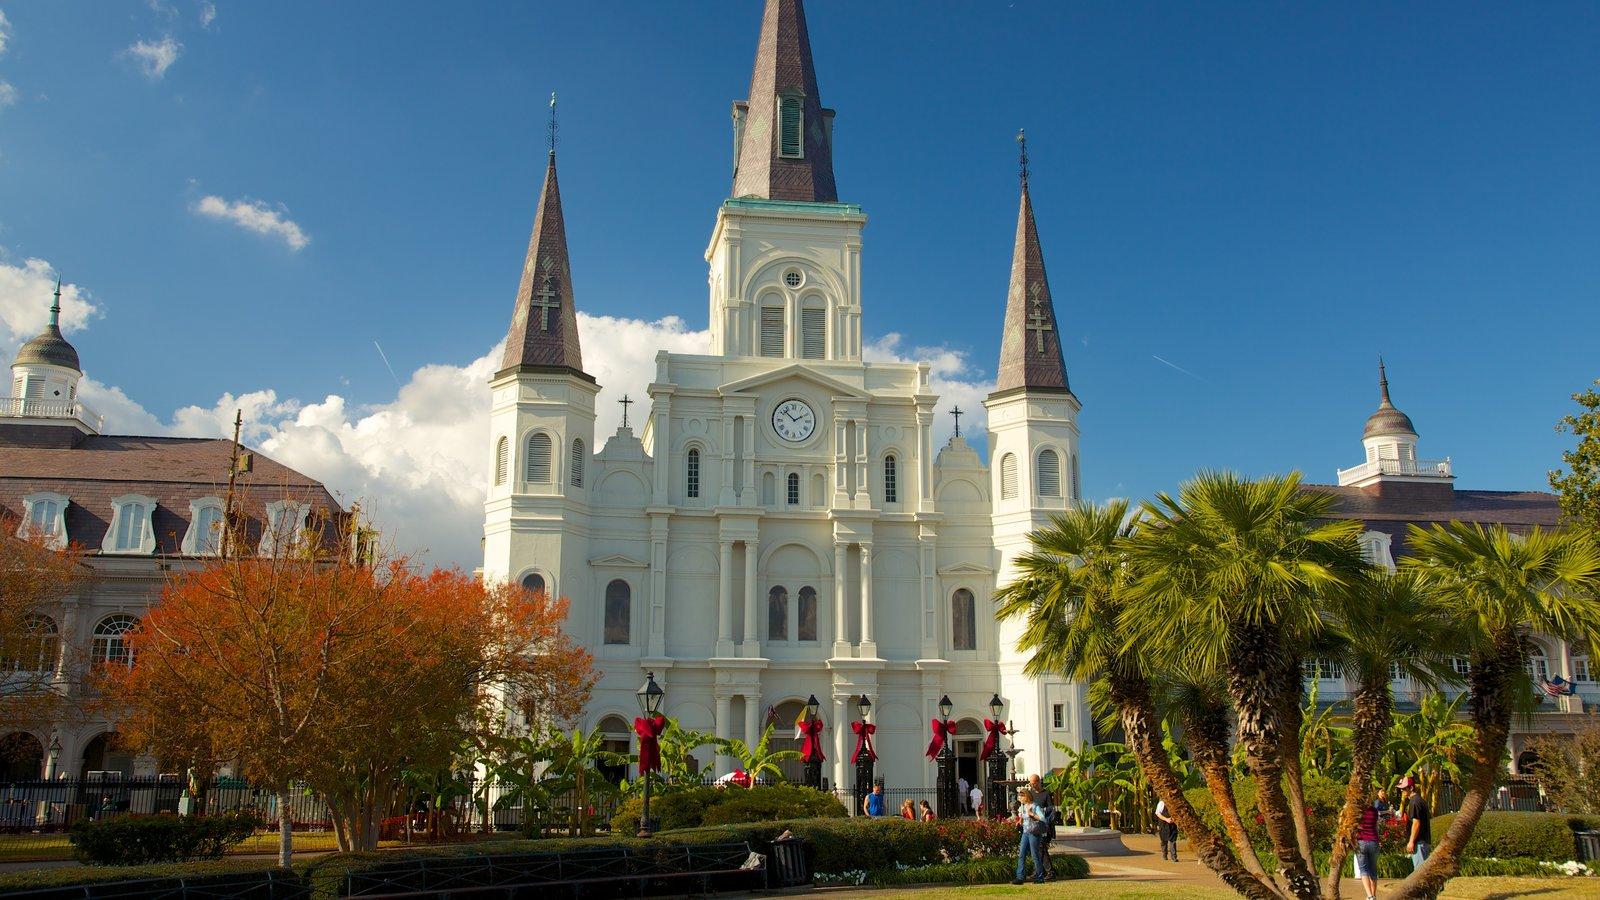 Saint Louis Cathedral caracterizando uma igreja ou catedral, uma cidade e elementos religiosos